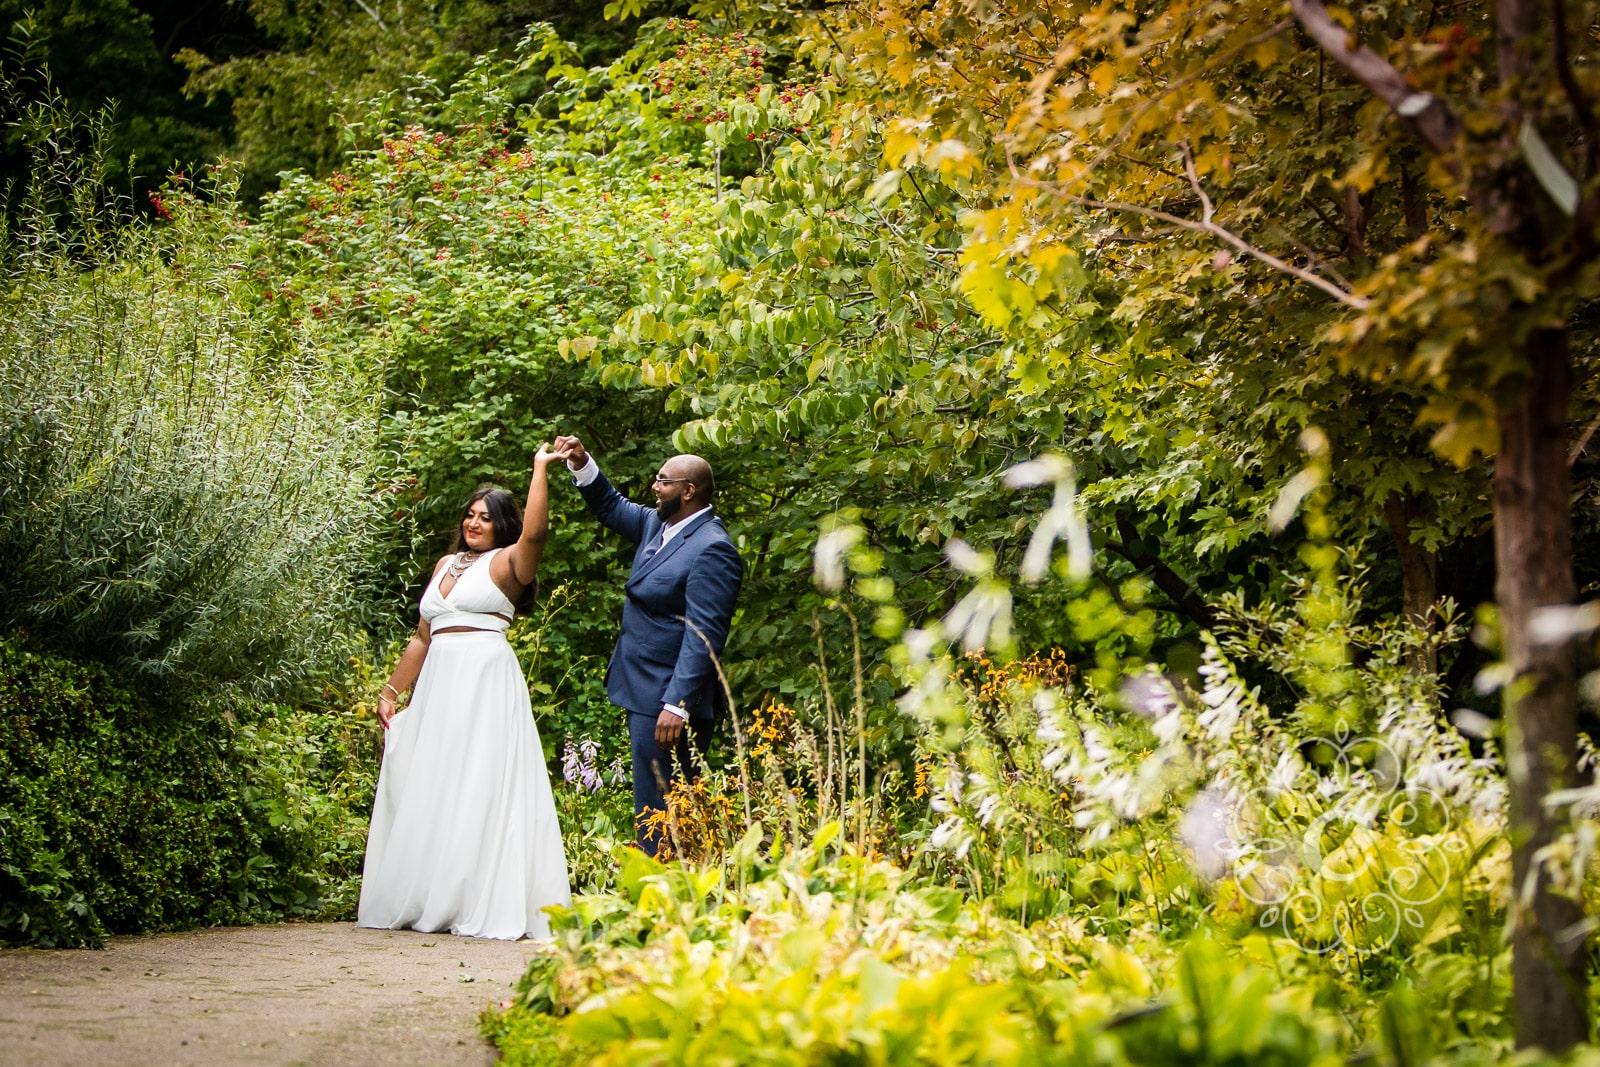 MN Landscape Arboretum Engagement Photo